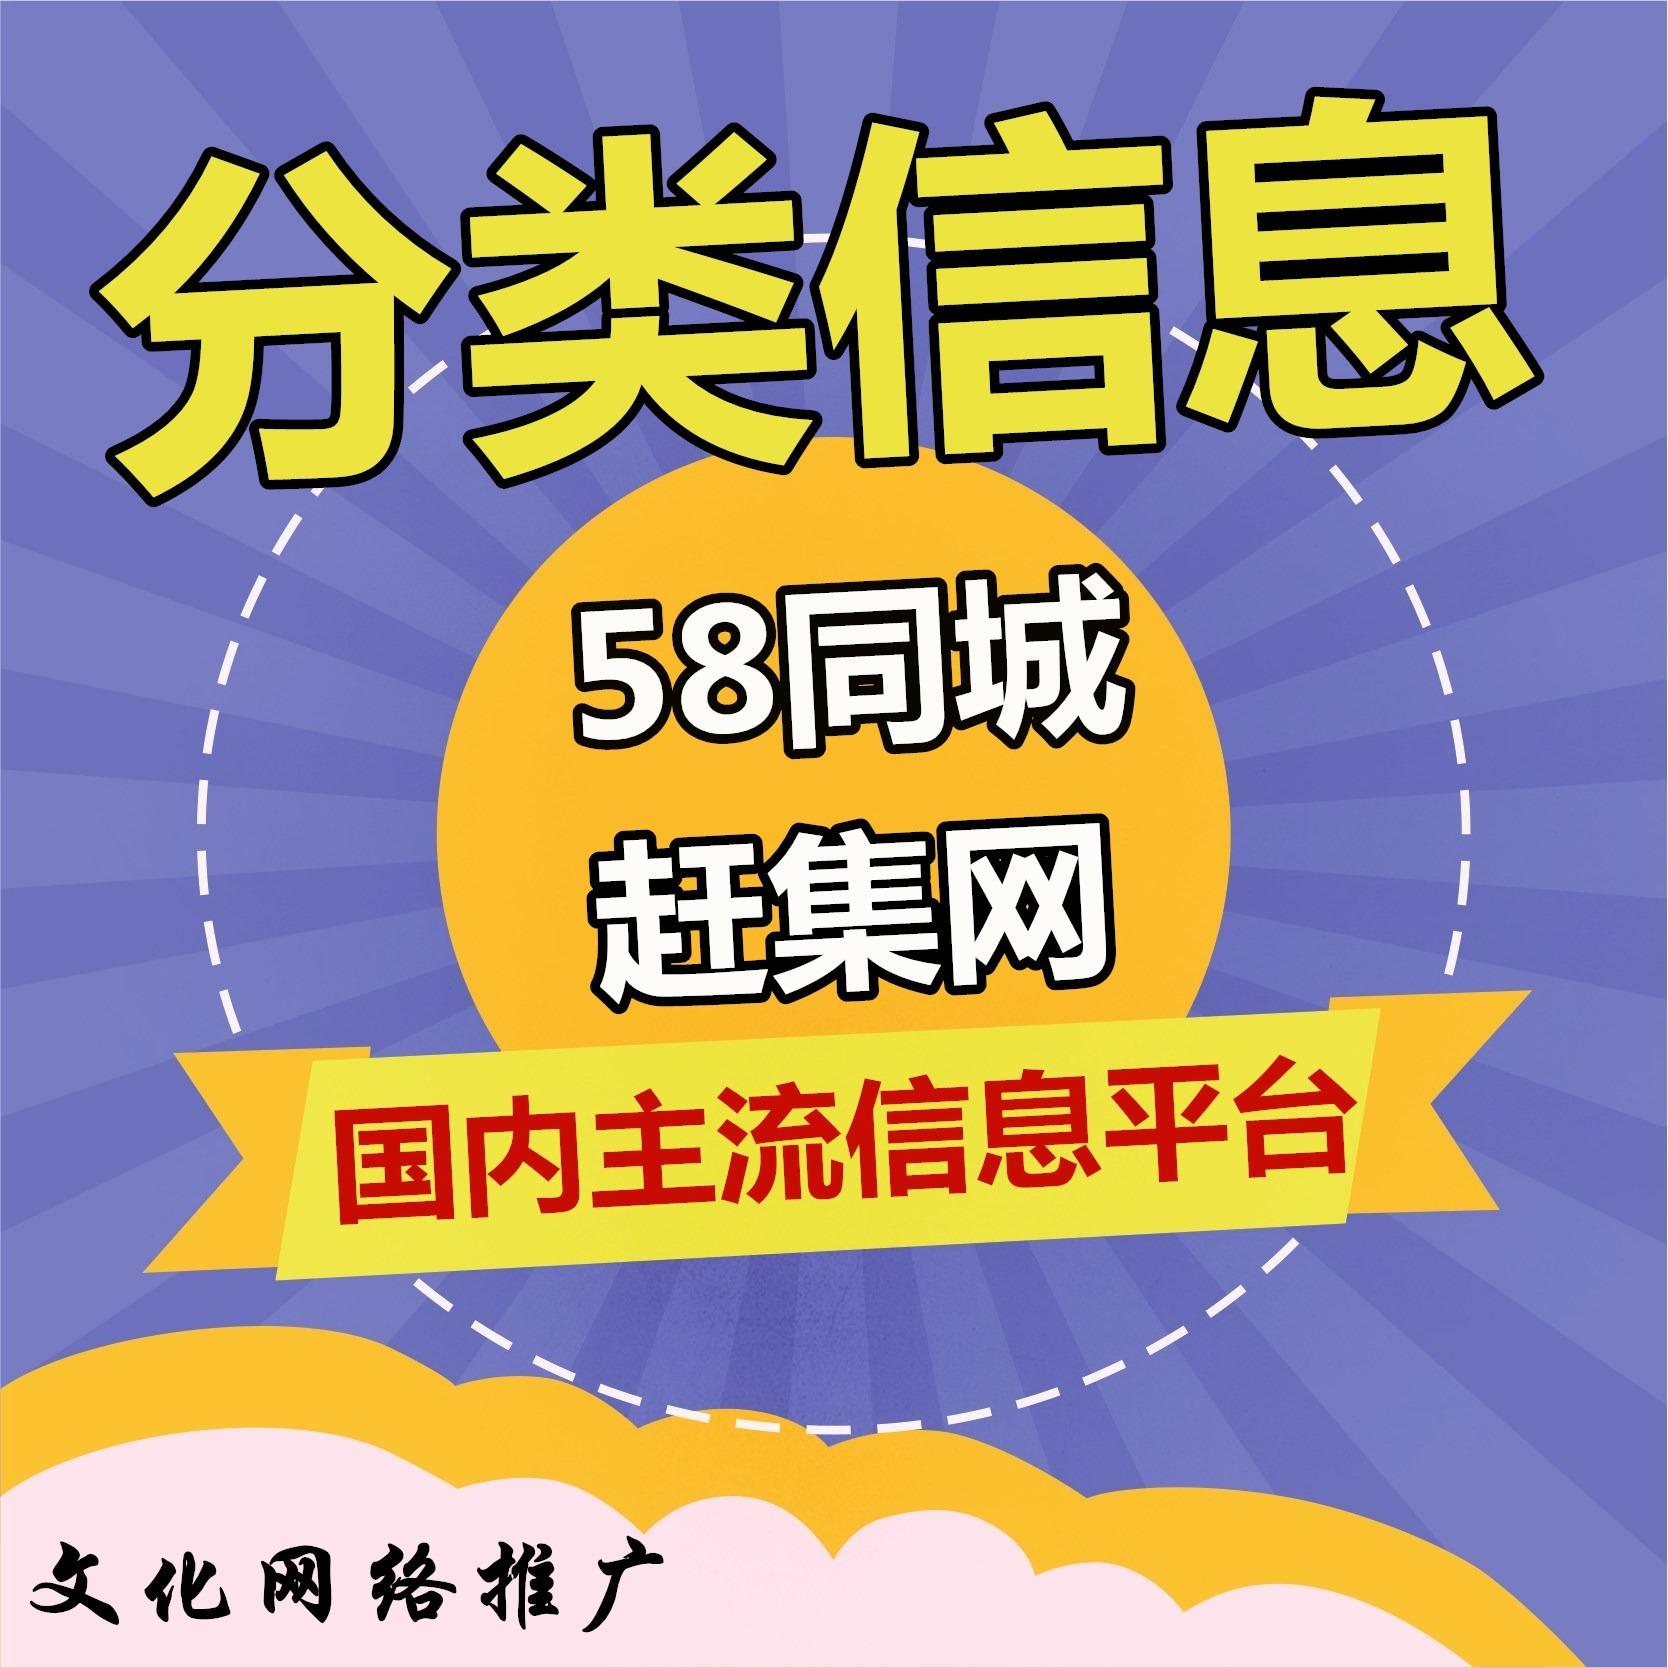 百度口碑分类信息发布58同城知道B2B网站网络整合营销推广